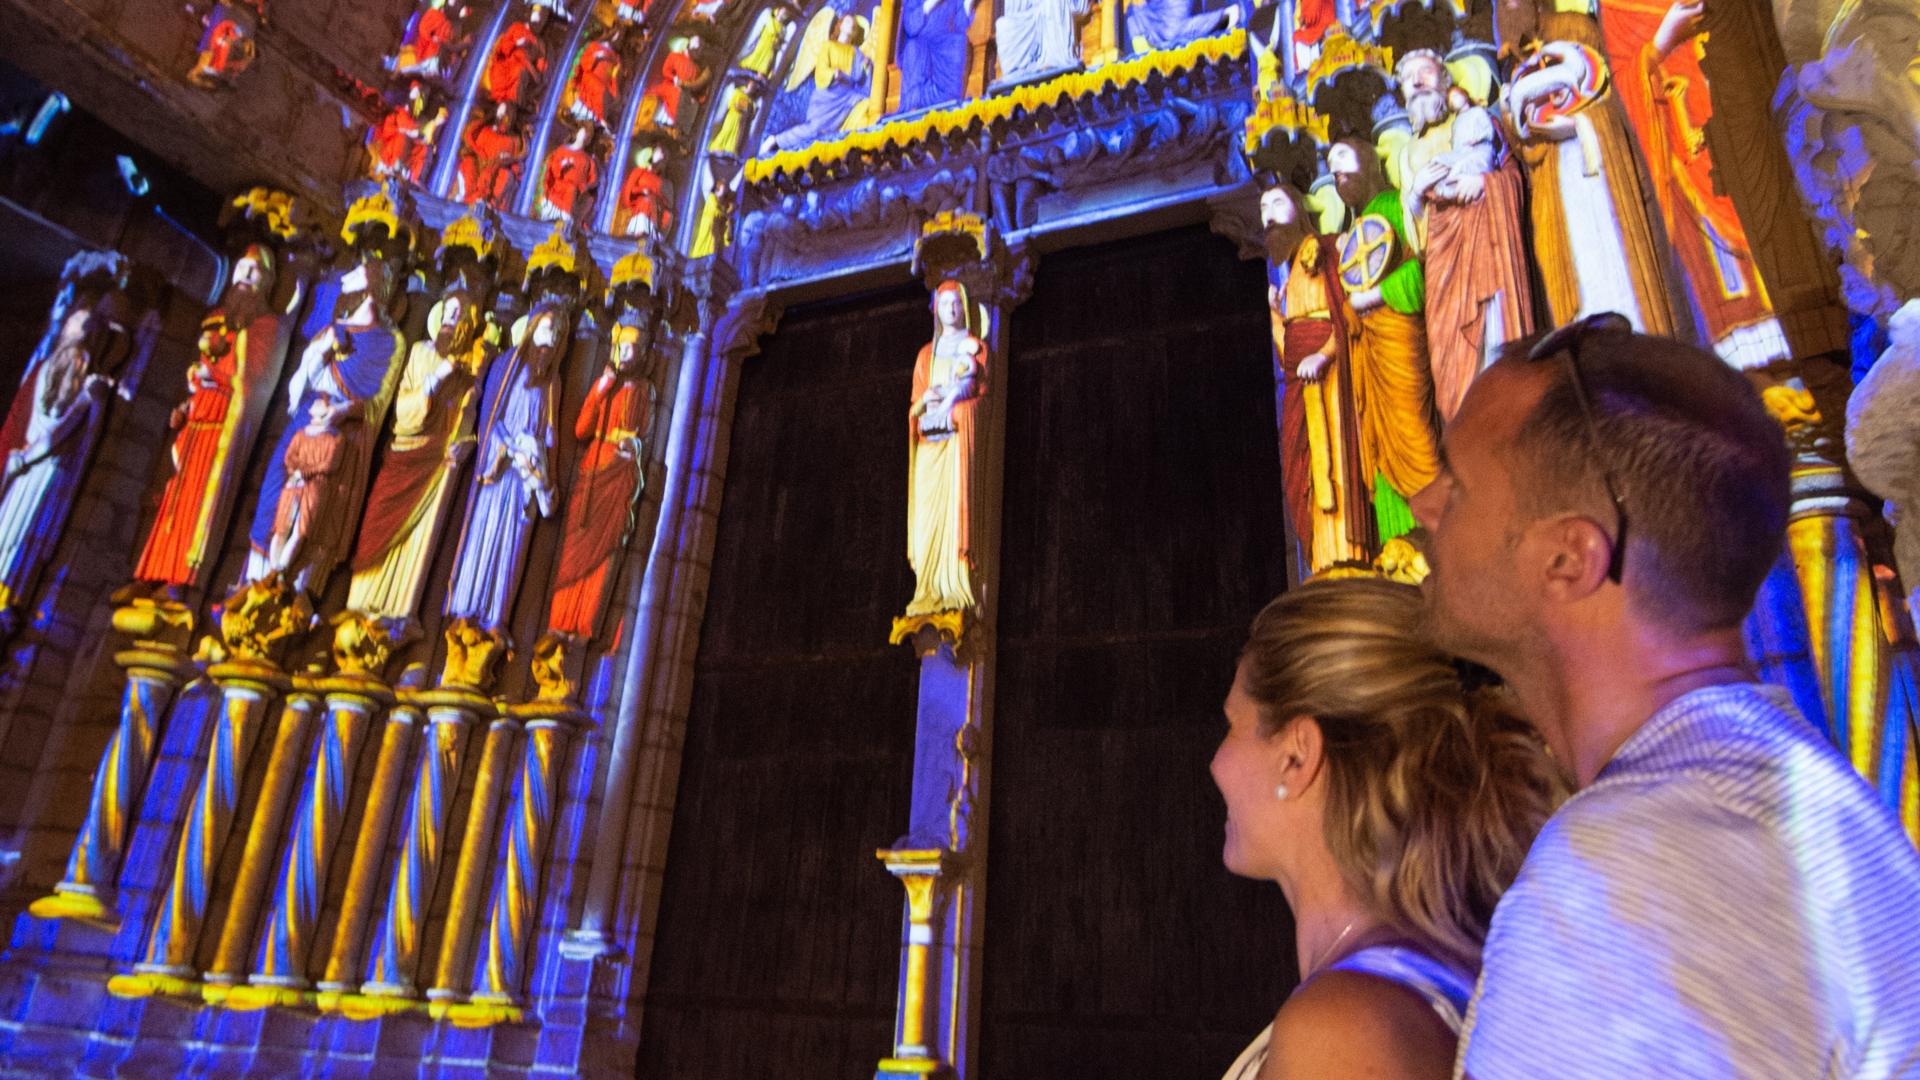 Personnes regardant la scénographie du portail nord de la cathédrale de Chartres